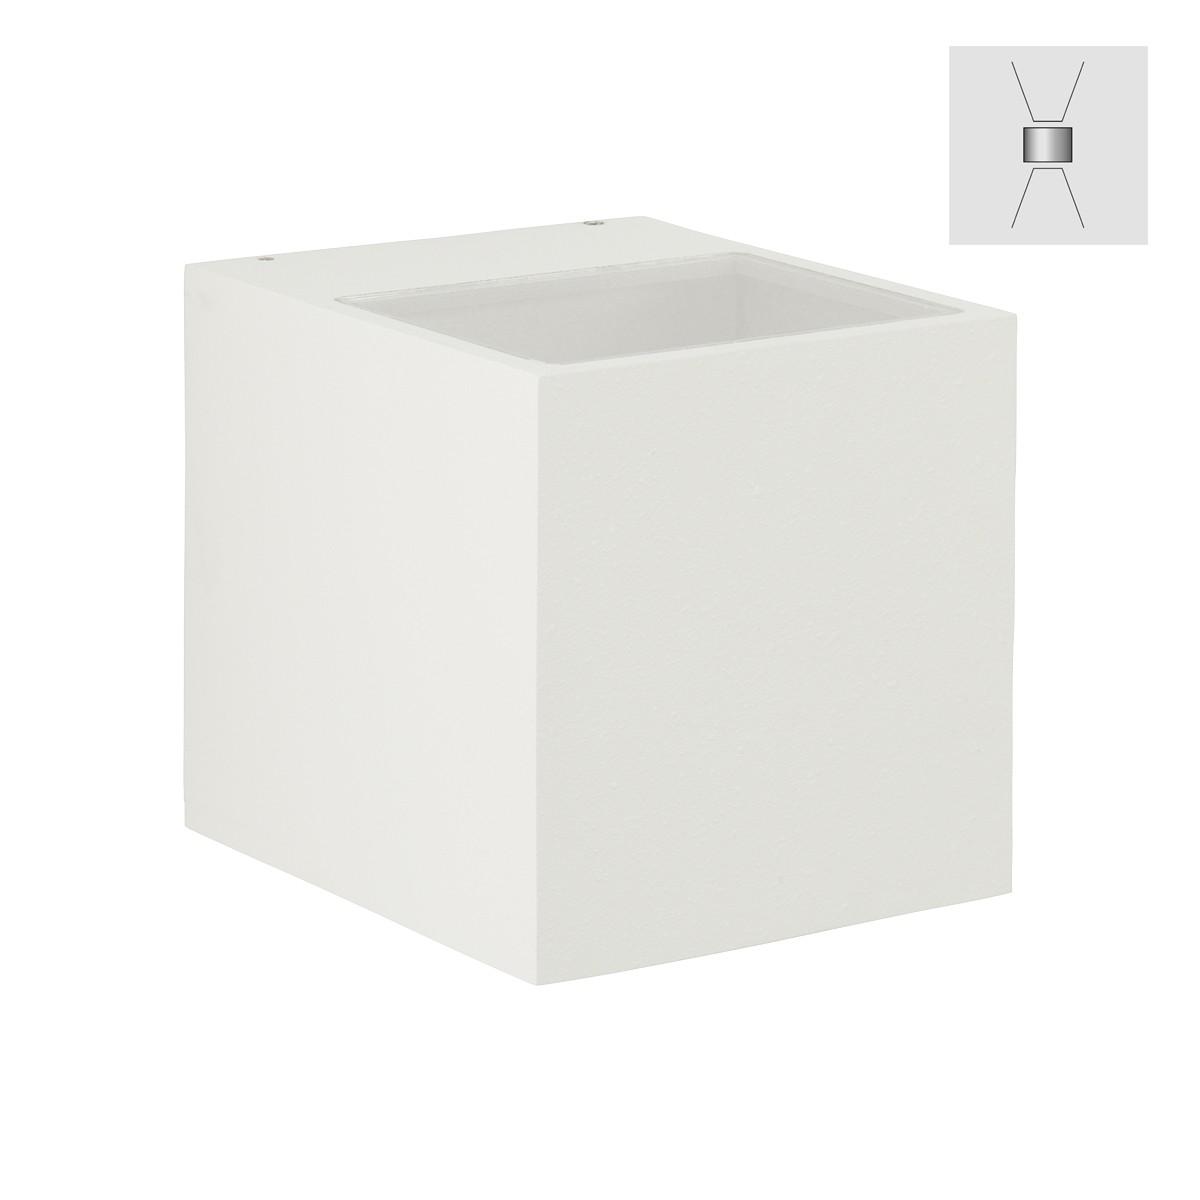 Albert 2417 Wandstrahler, breit/breit, weiß